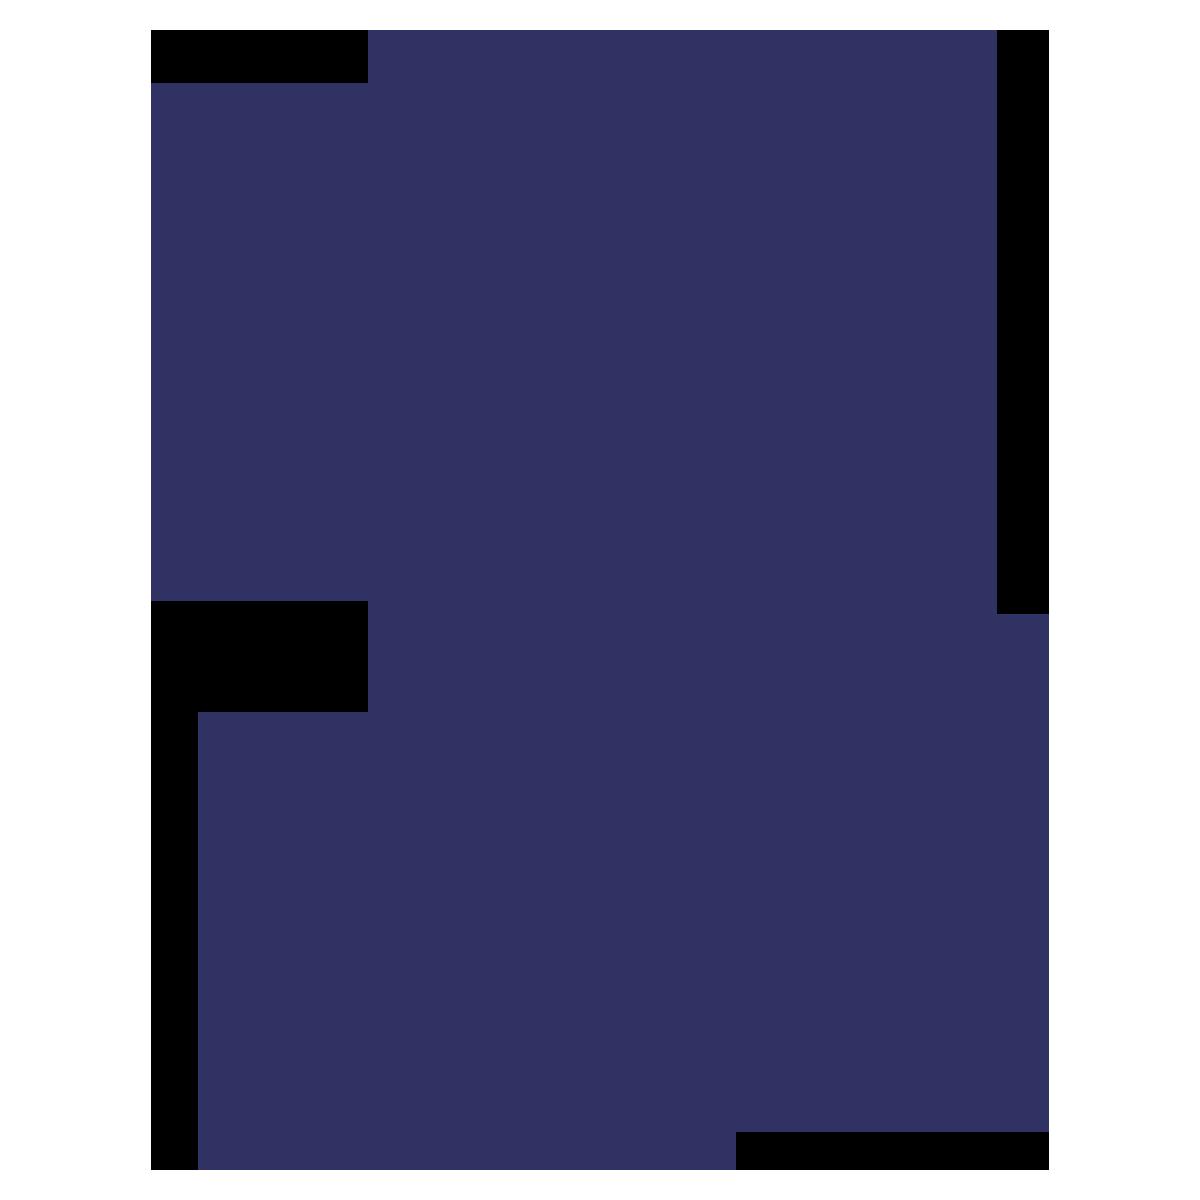 noun_Percent_33421_000000.png